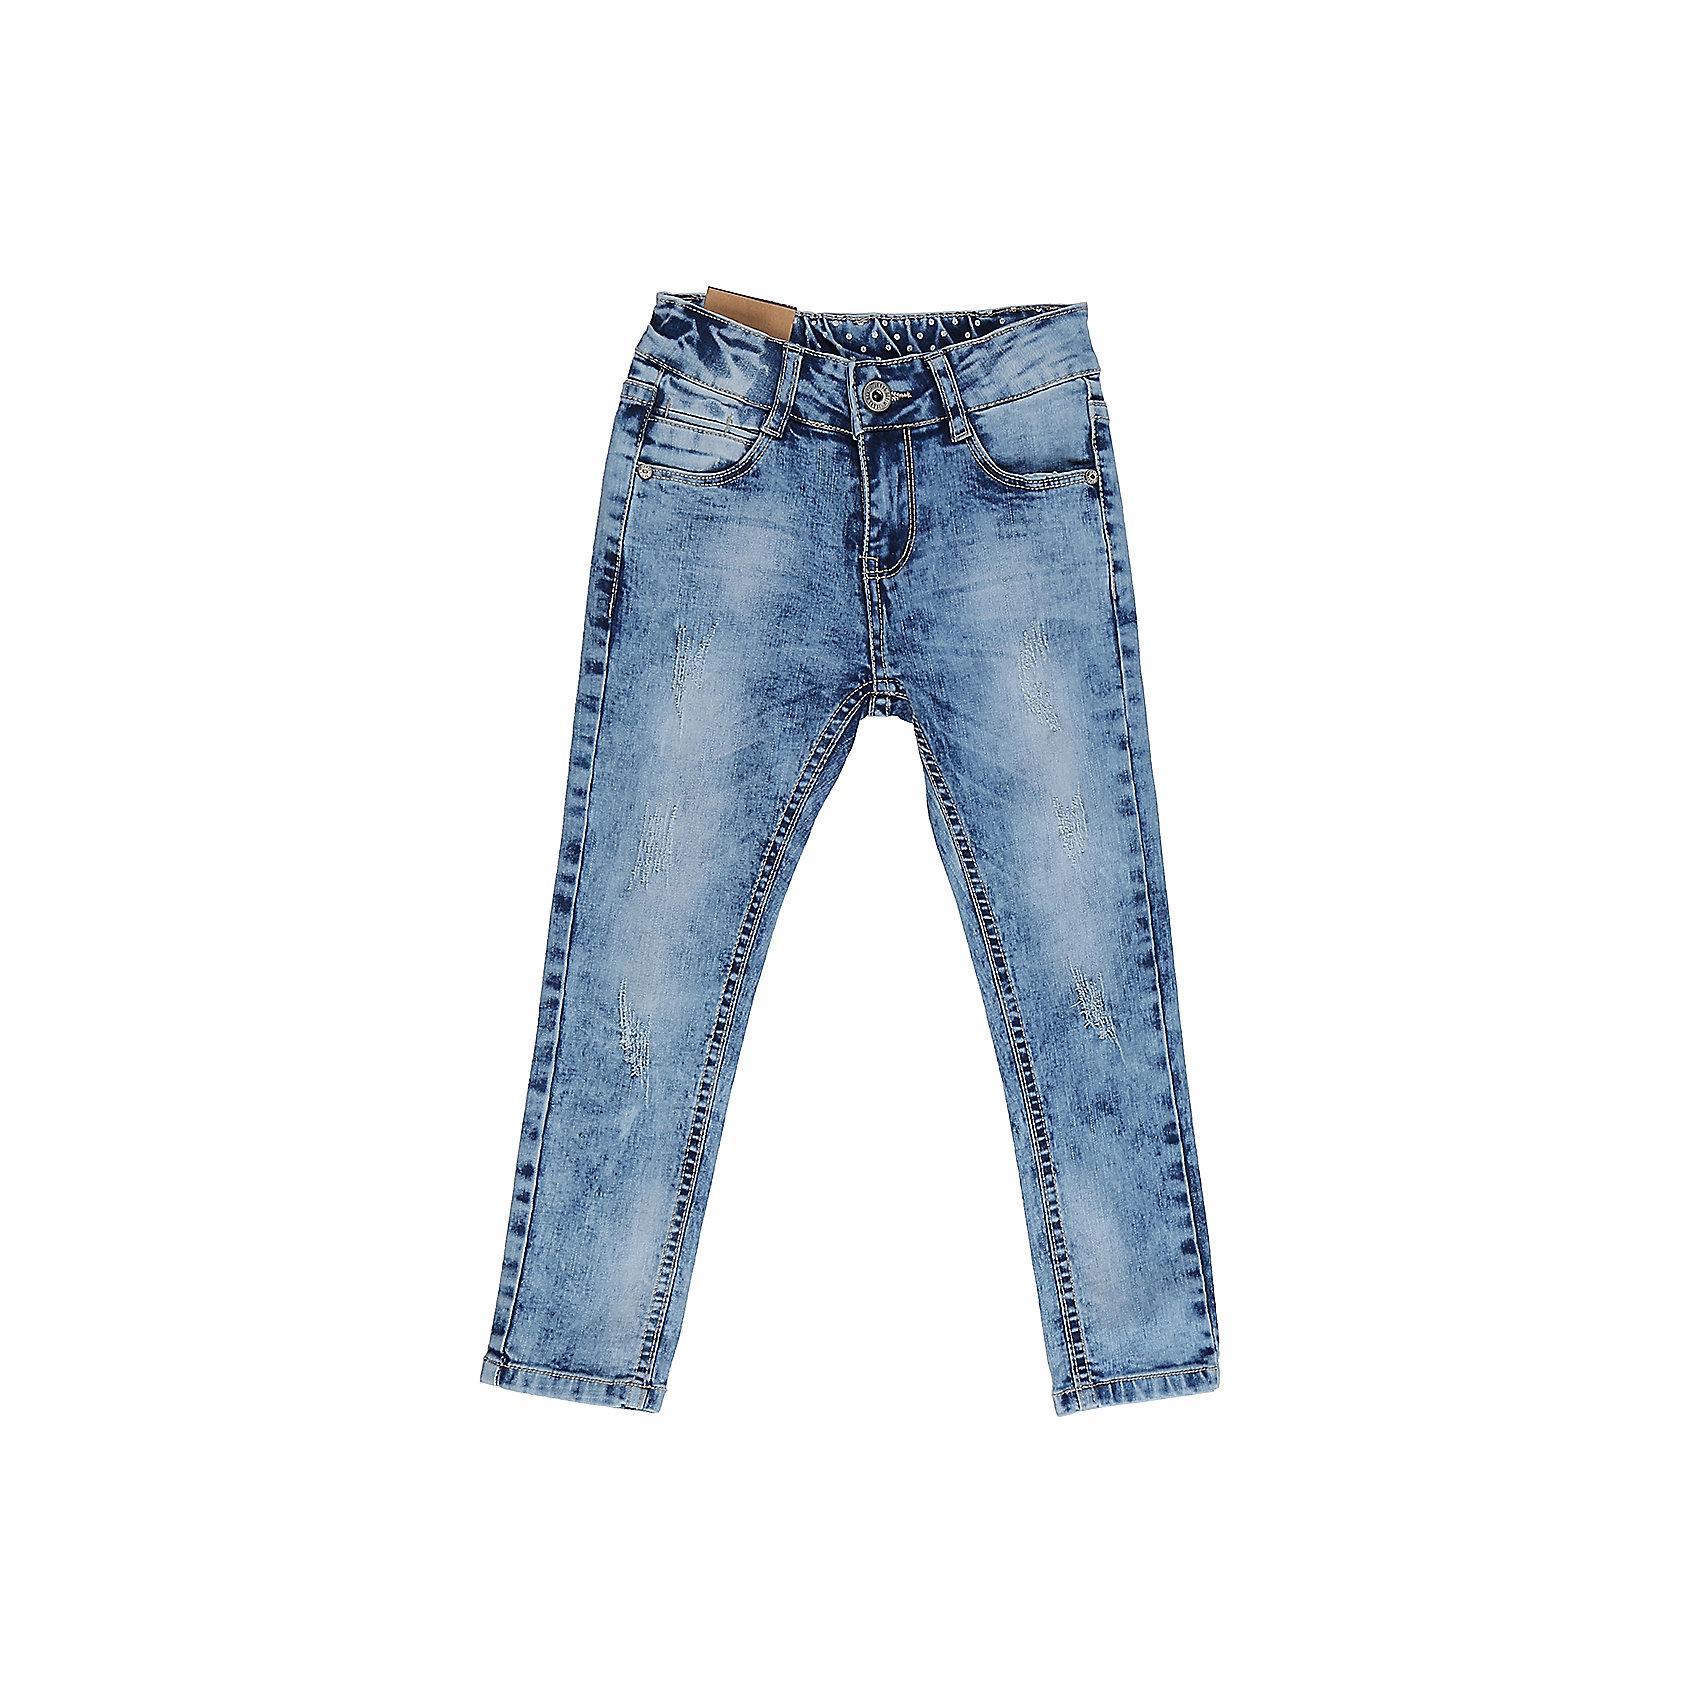 Джинсы для девочки Sweet BerryДжинсовая одежда<br>Джинсы  для девочки с оригинальной варкой, эффектами потертости и рваной джинсы. Имеют зауженный крой, среднюю посадку. Застегиваются на молнию и пуговицу. Шлевки на поясе рассчитаны под ремень. В боковой части пояса находятся вшитые эластичные ленты, регулирующие посадку по талии.<br>Состав:<br>98%хлопок 2%эластан<br><br>Ширина мм: 215<br>Глубина мм: 88<br>Высота мм: 191<br>Вес г: 336<br>Цвет: голубой<br>Возраст от месяцев: 36<br>Возраст до месяцев: 48<br>Пол: Женский<br>Возраст: Детский<br>Размер: 104,98,110,116,122,128<br>SKU: 5411904